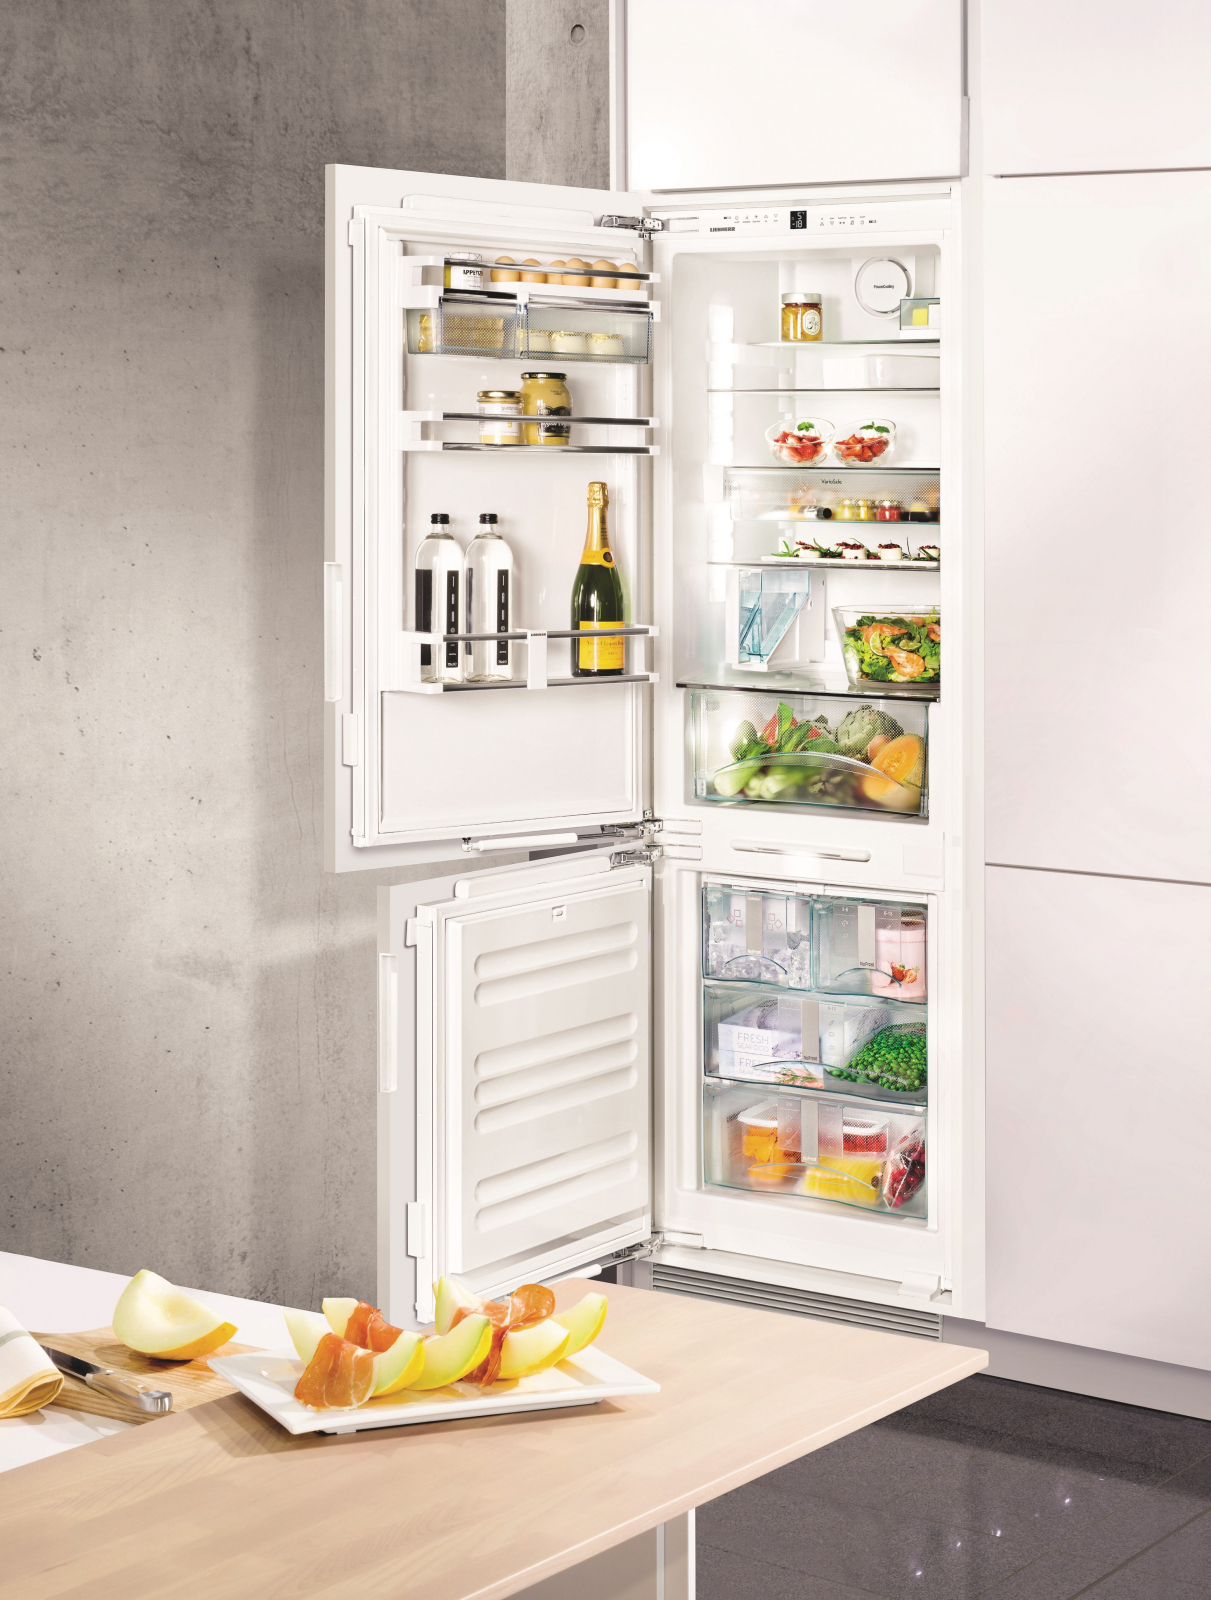 купить Встраиваемый двухкамерный холодильник Liebherr ICN 3386 Украина фото 5